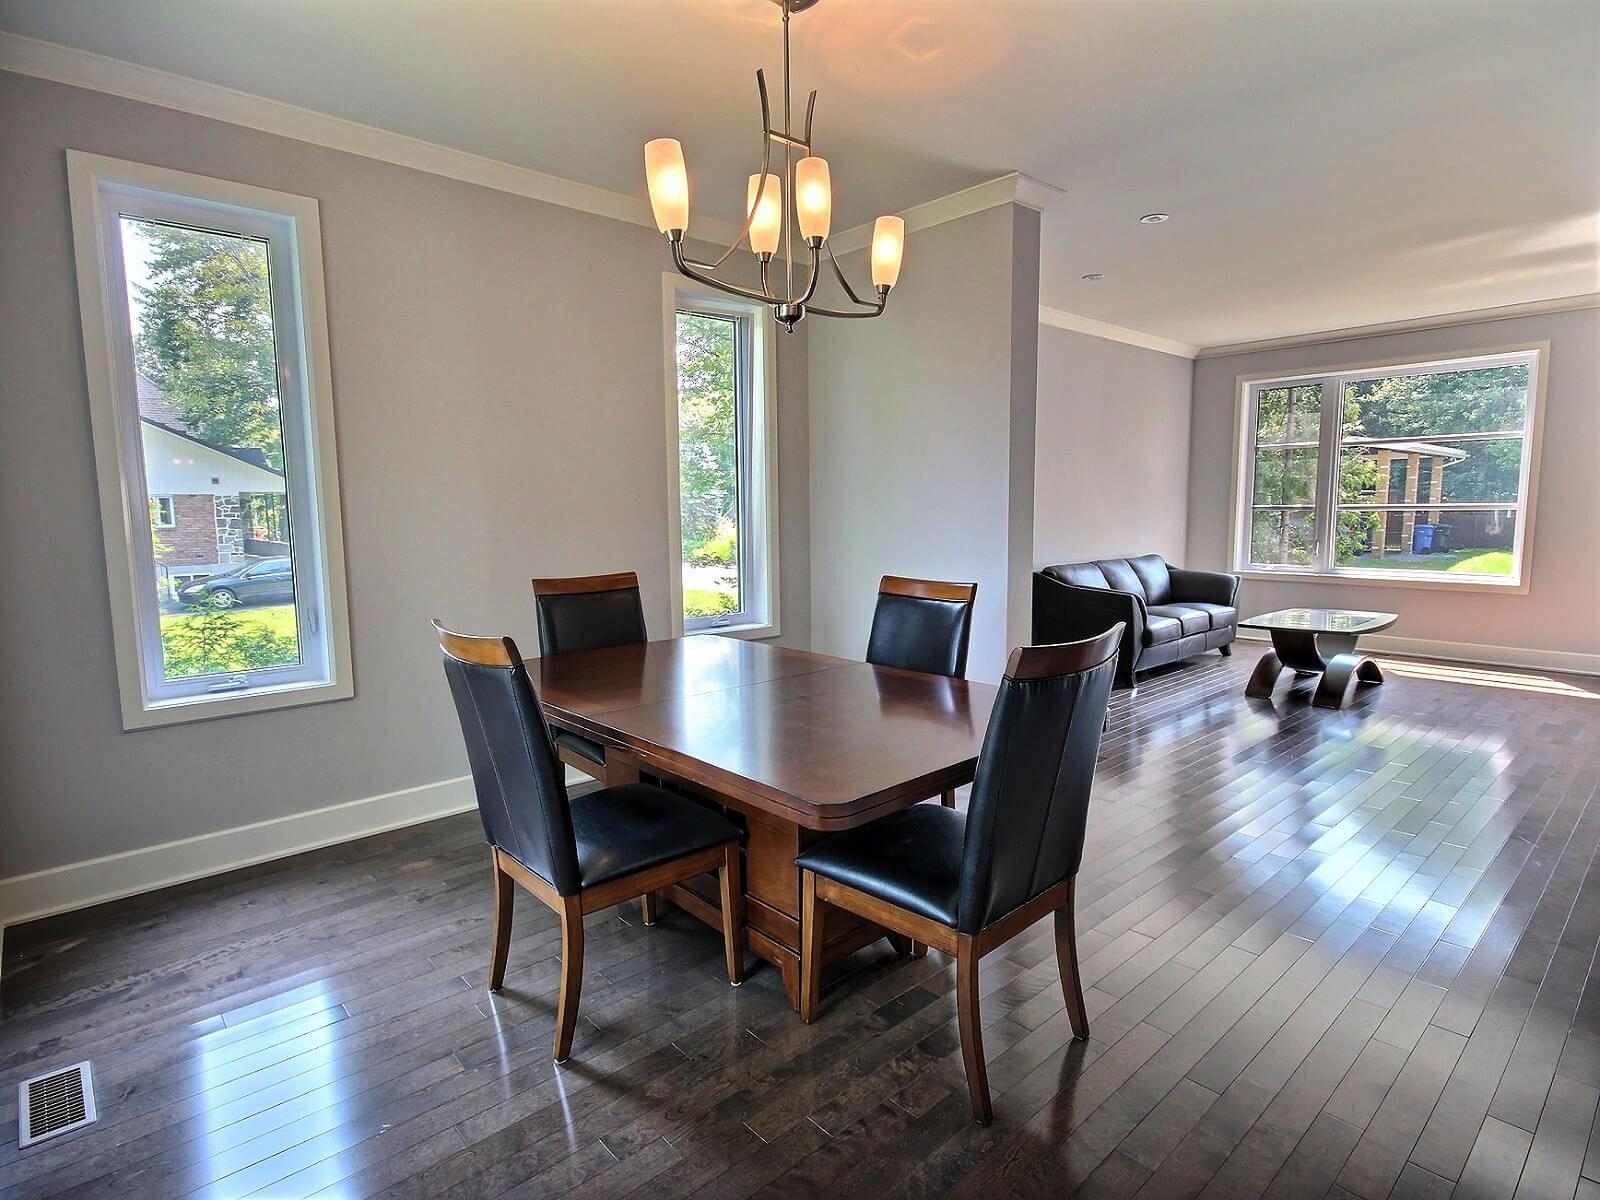 salle à manger boisé côte saint-louis construction neuve projet immobilier rive nord